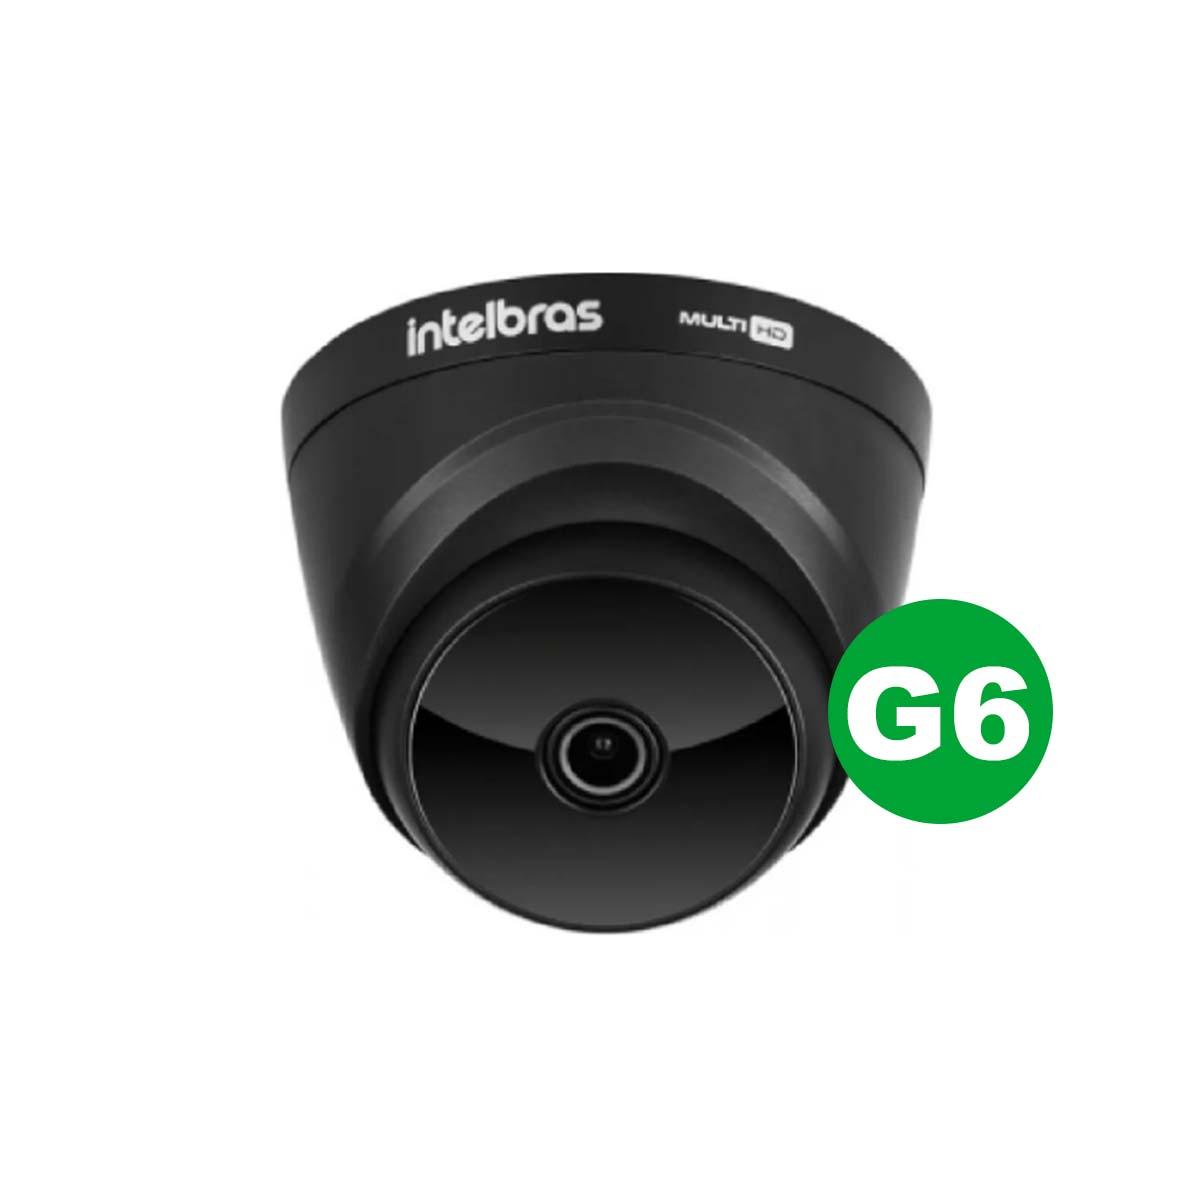 Kit CFTV 04 Câmeras VHD 1220 D Black G6 + MHDX 1108 C/ HD 1TB + Acessórios